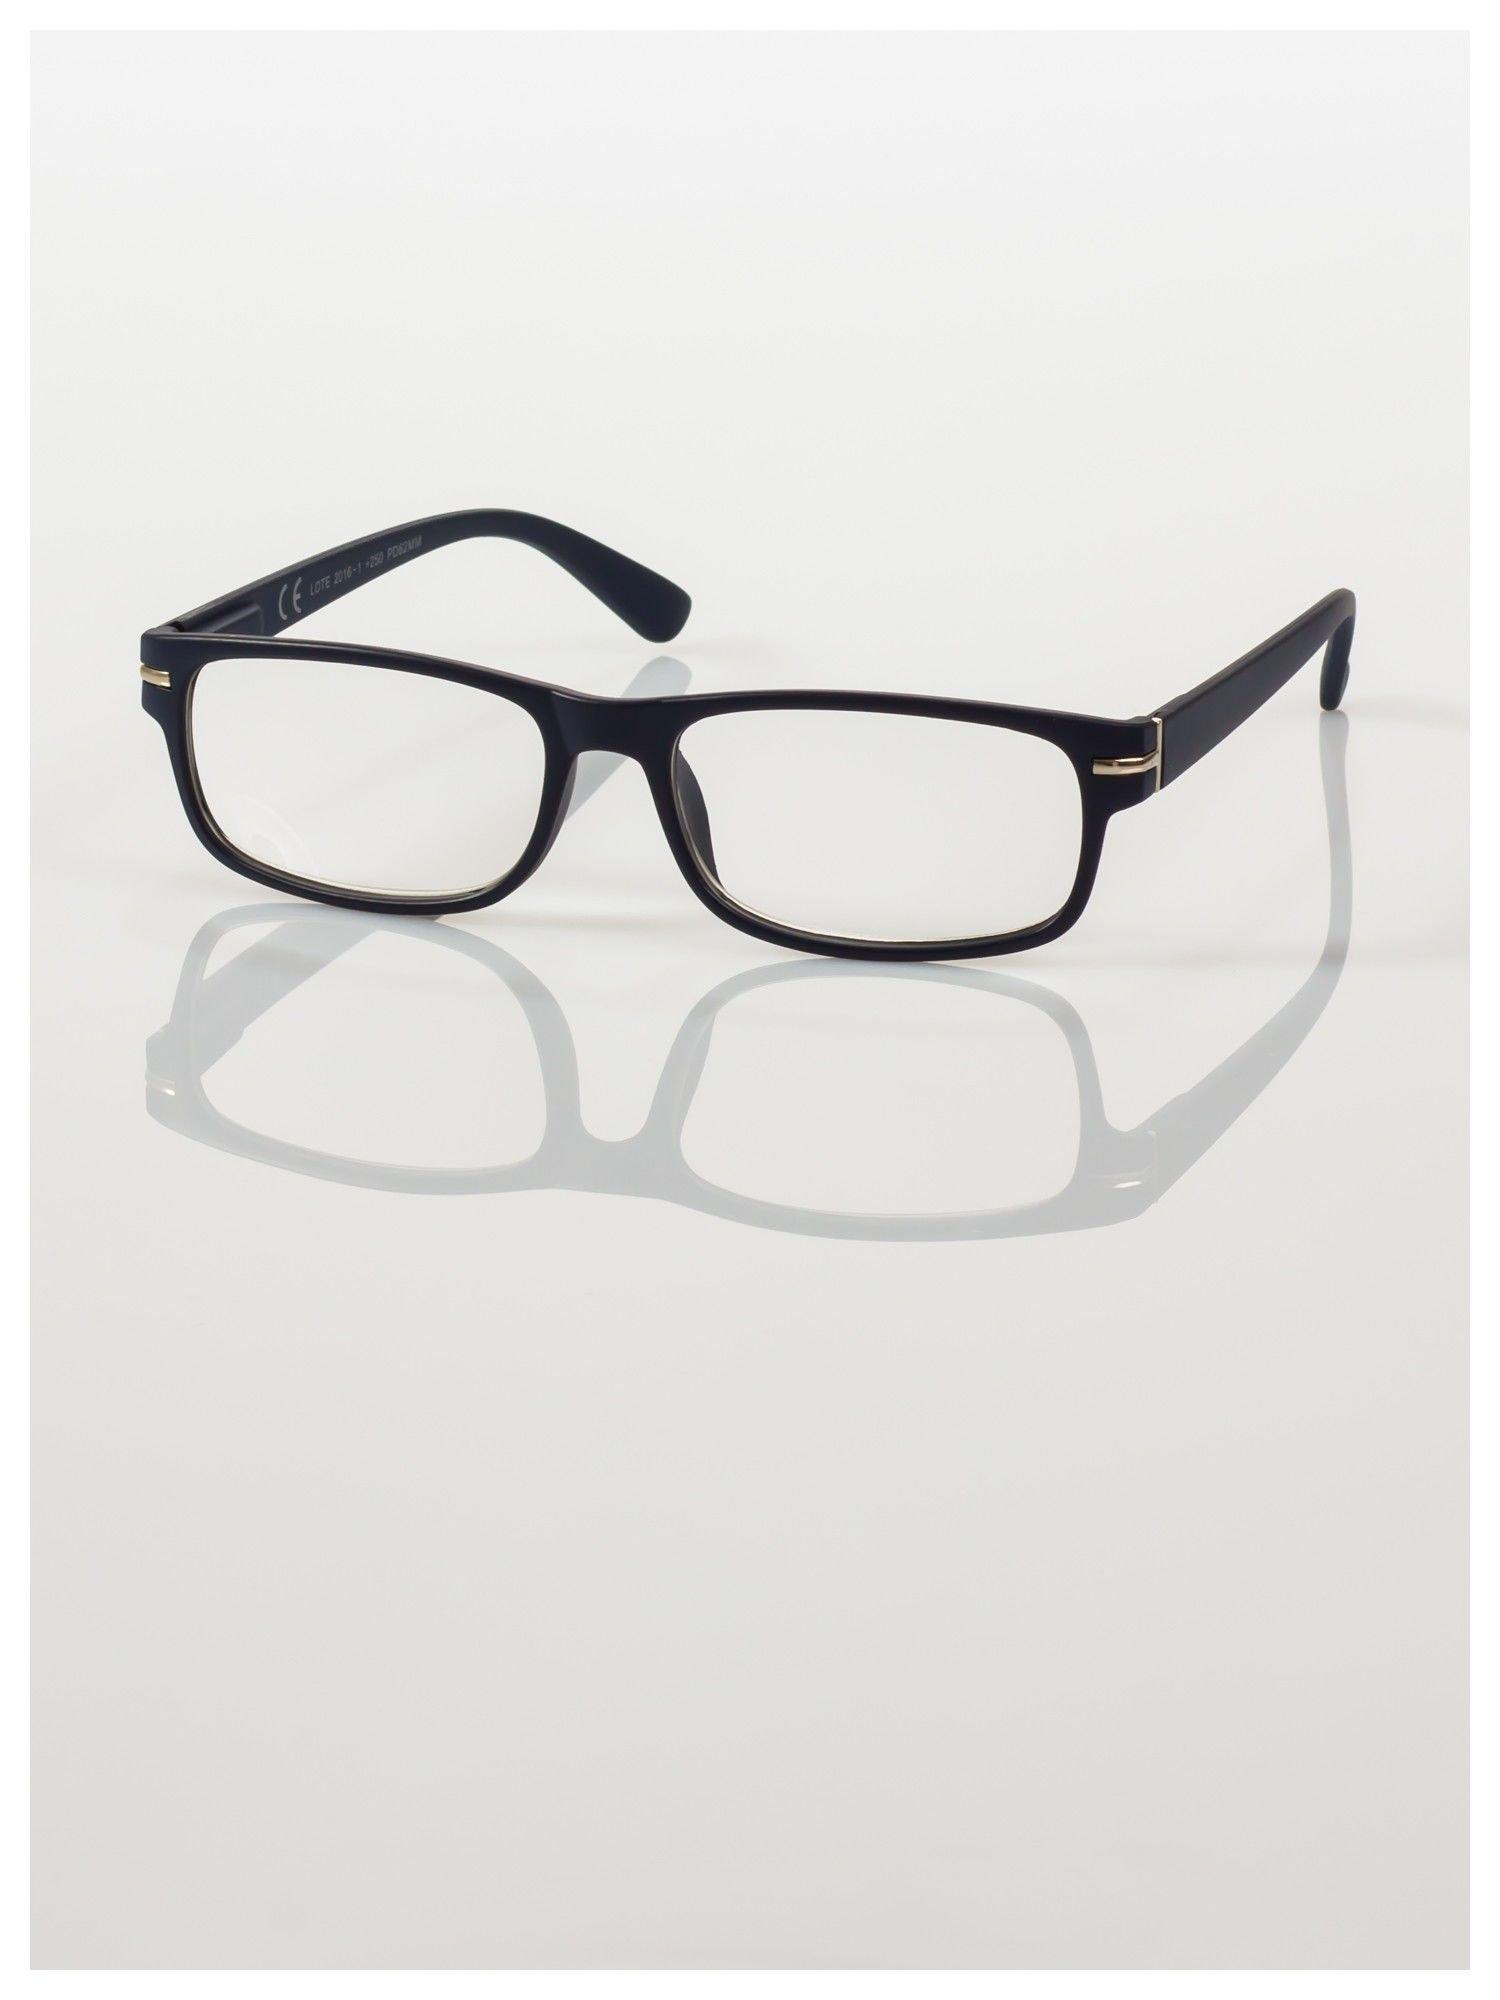 Eleganckie granatowe matowe korekcyjne okulary do czytania +3.5 D  z sytemem FLEX na zausznikach                                  zdj.                                  2